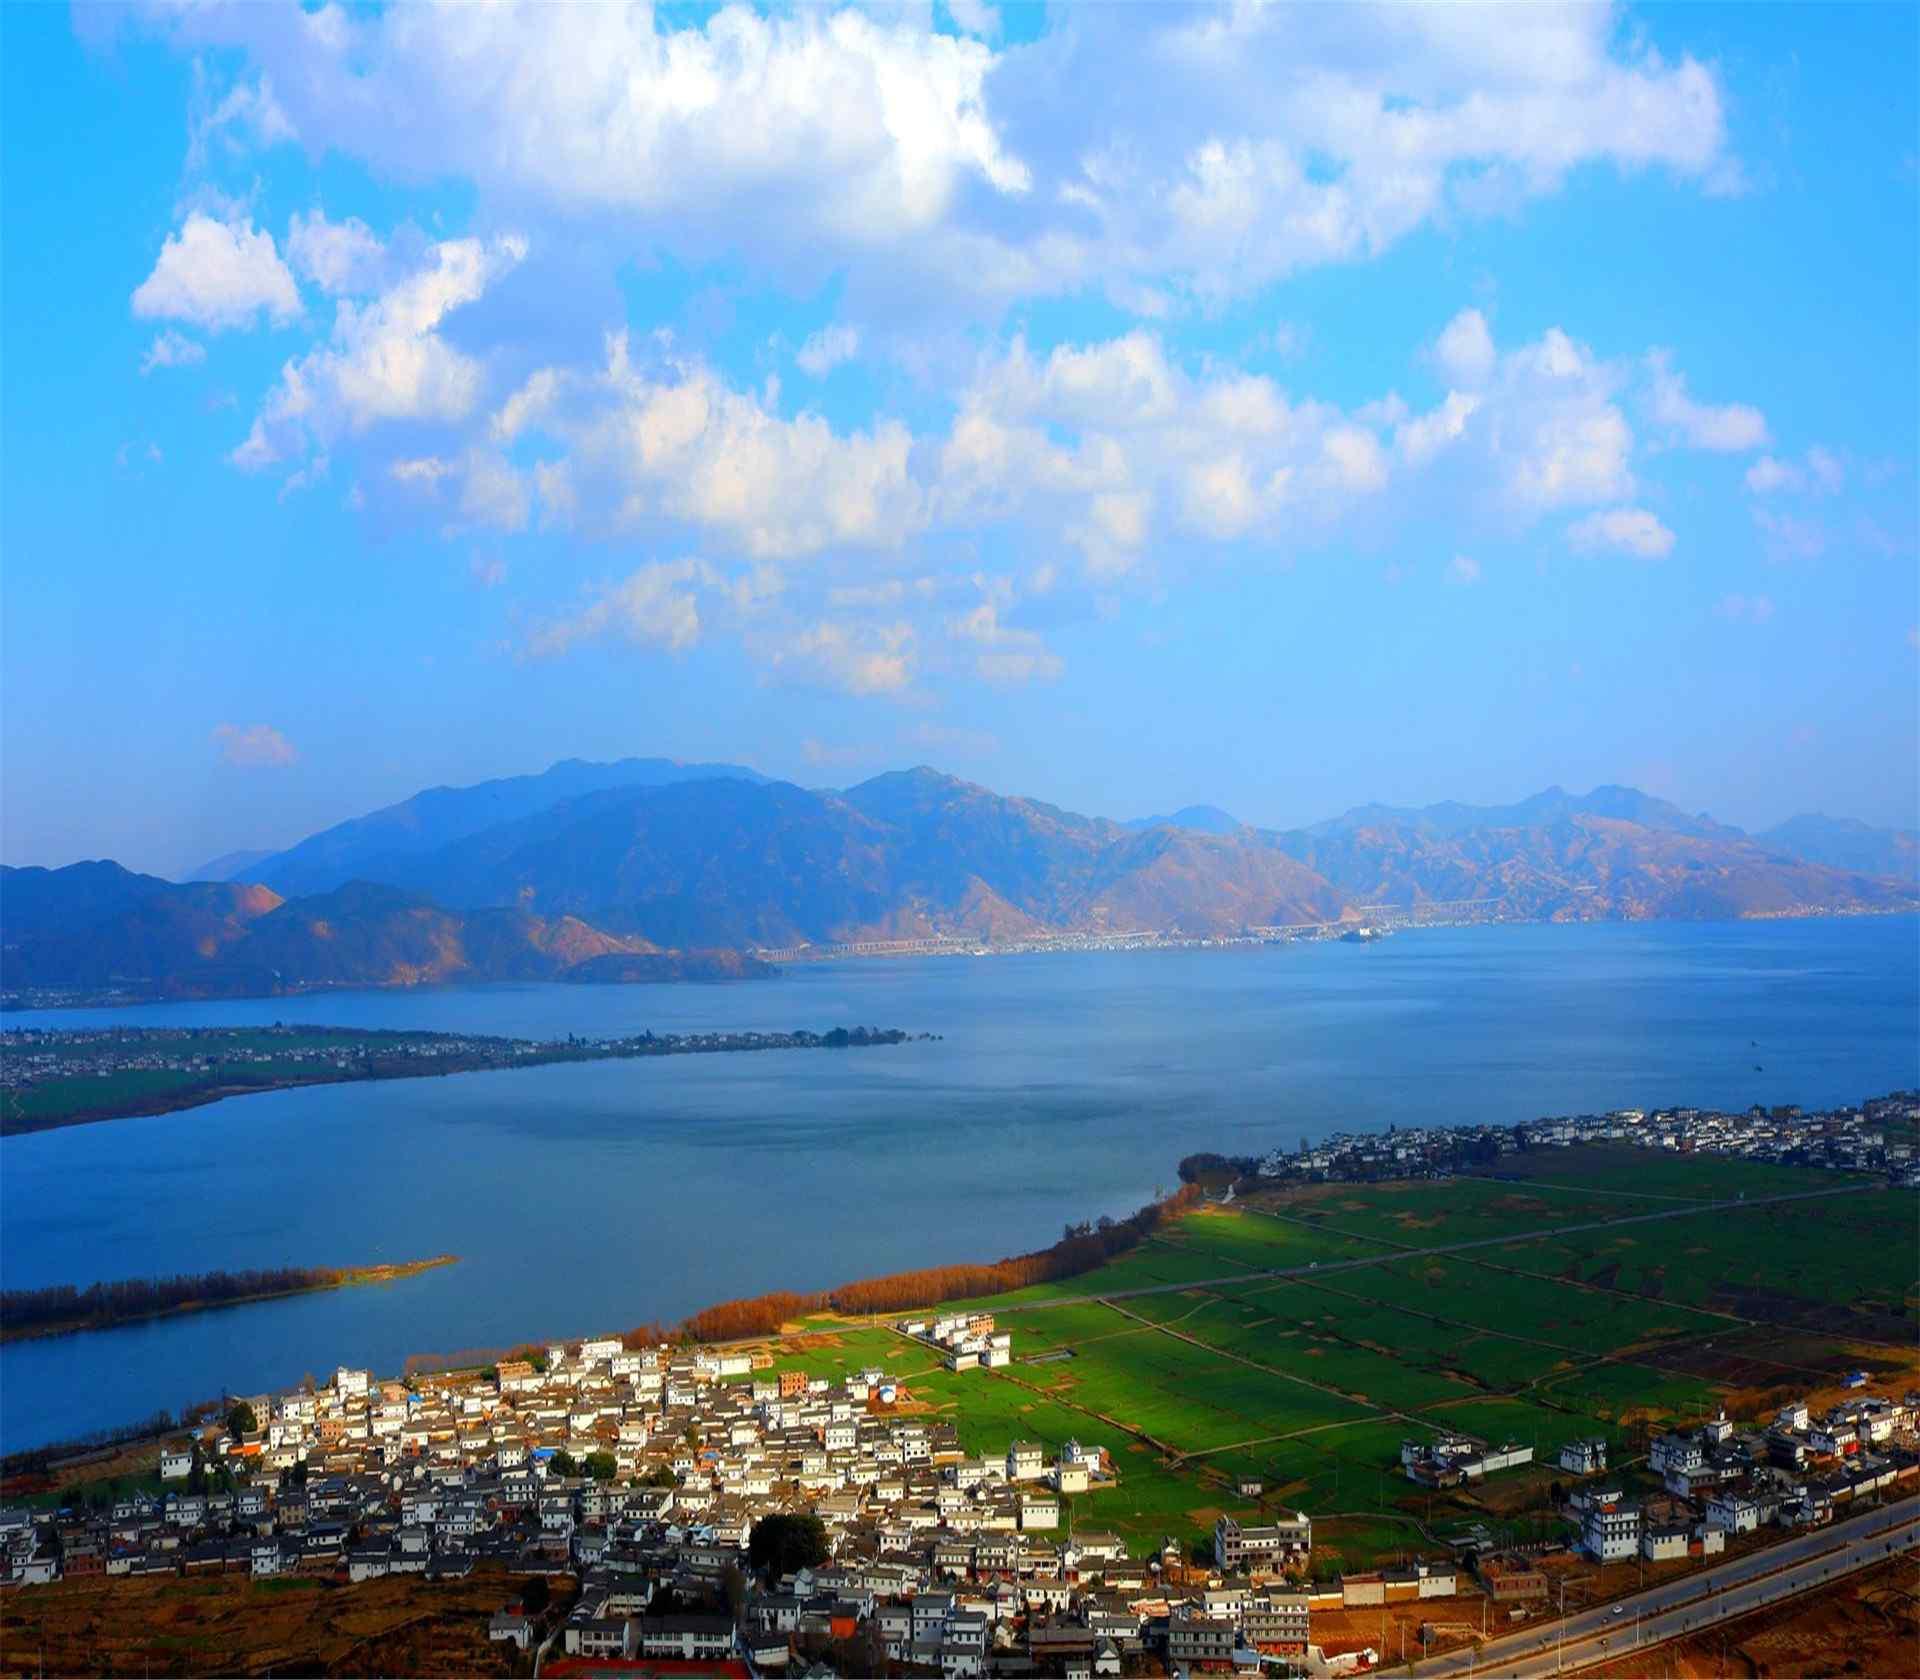 俯视蓝天大海边城市美丽风貌桌面壁纸